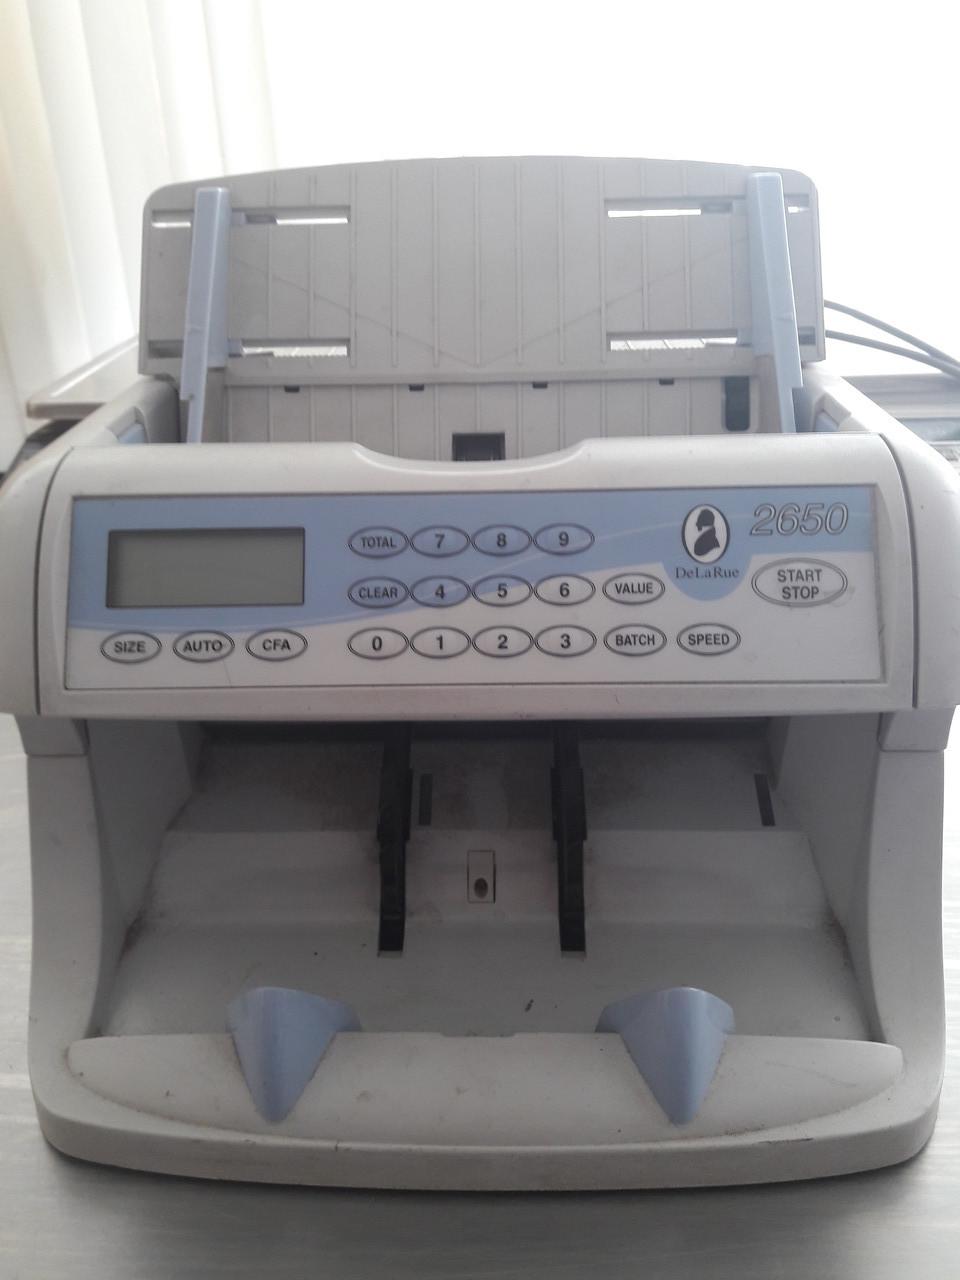 Машинка для счета денег DeLaRue 2650 б/у